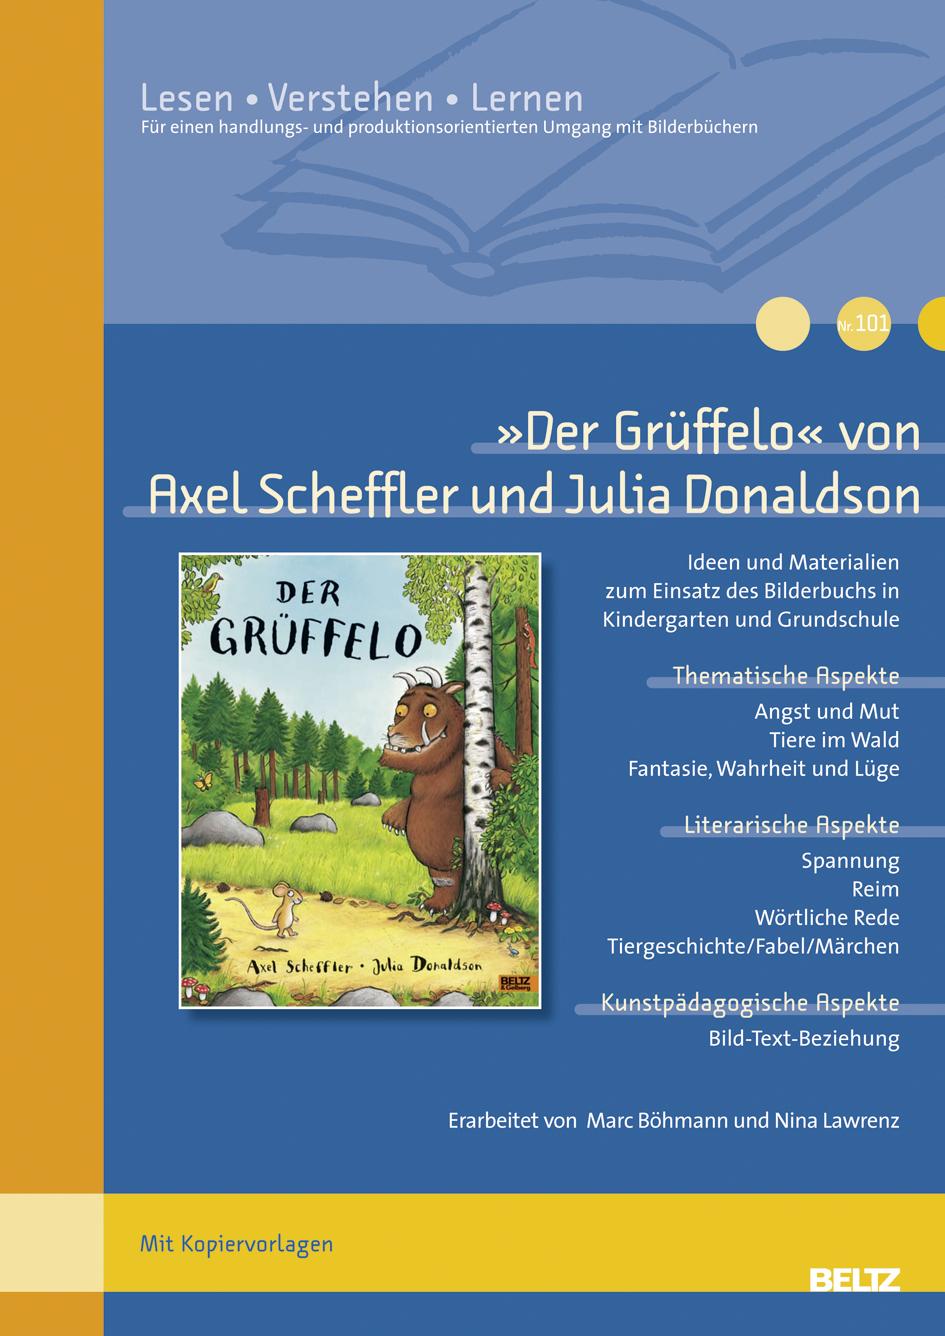 Der Grüffelo« von Axel Scheffler und Julia Donaldson - Download ...